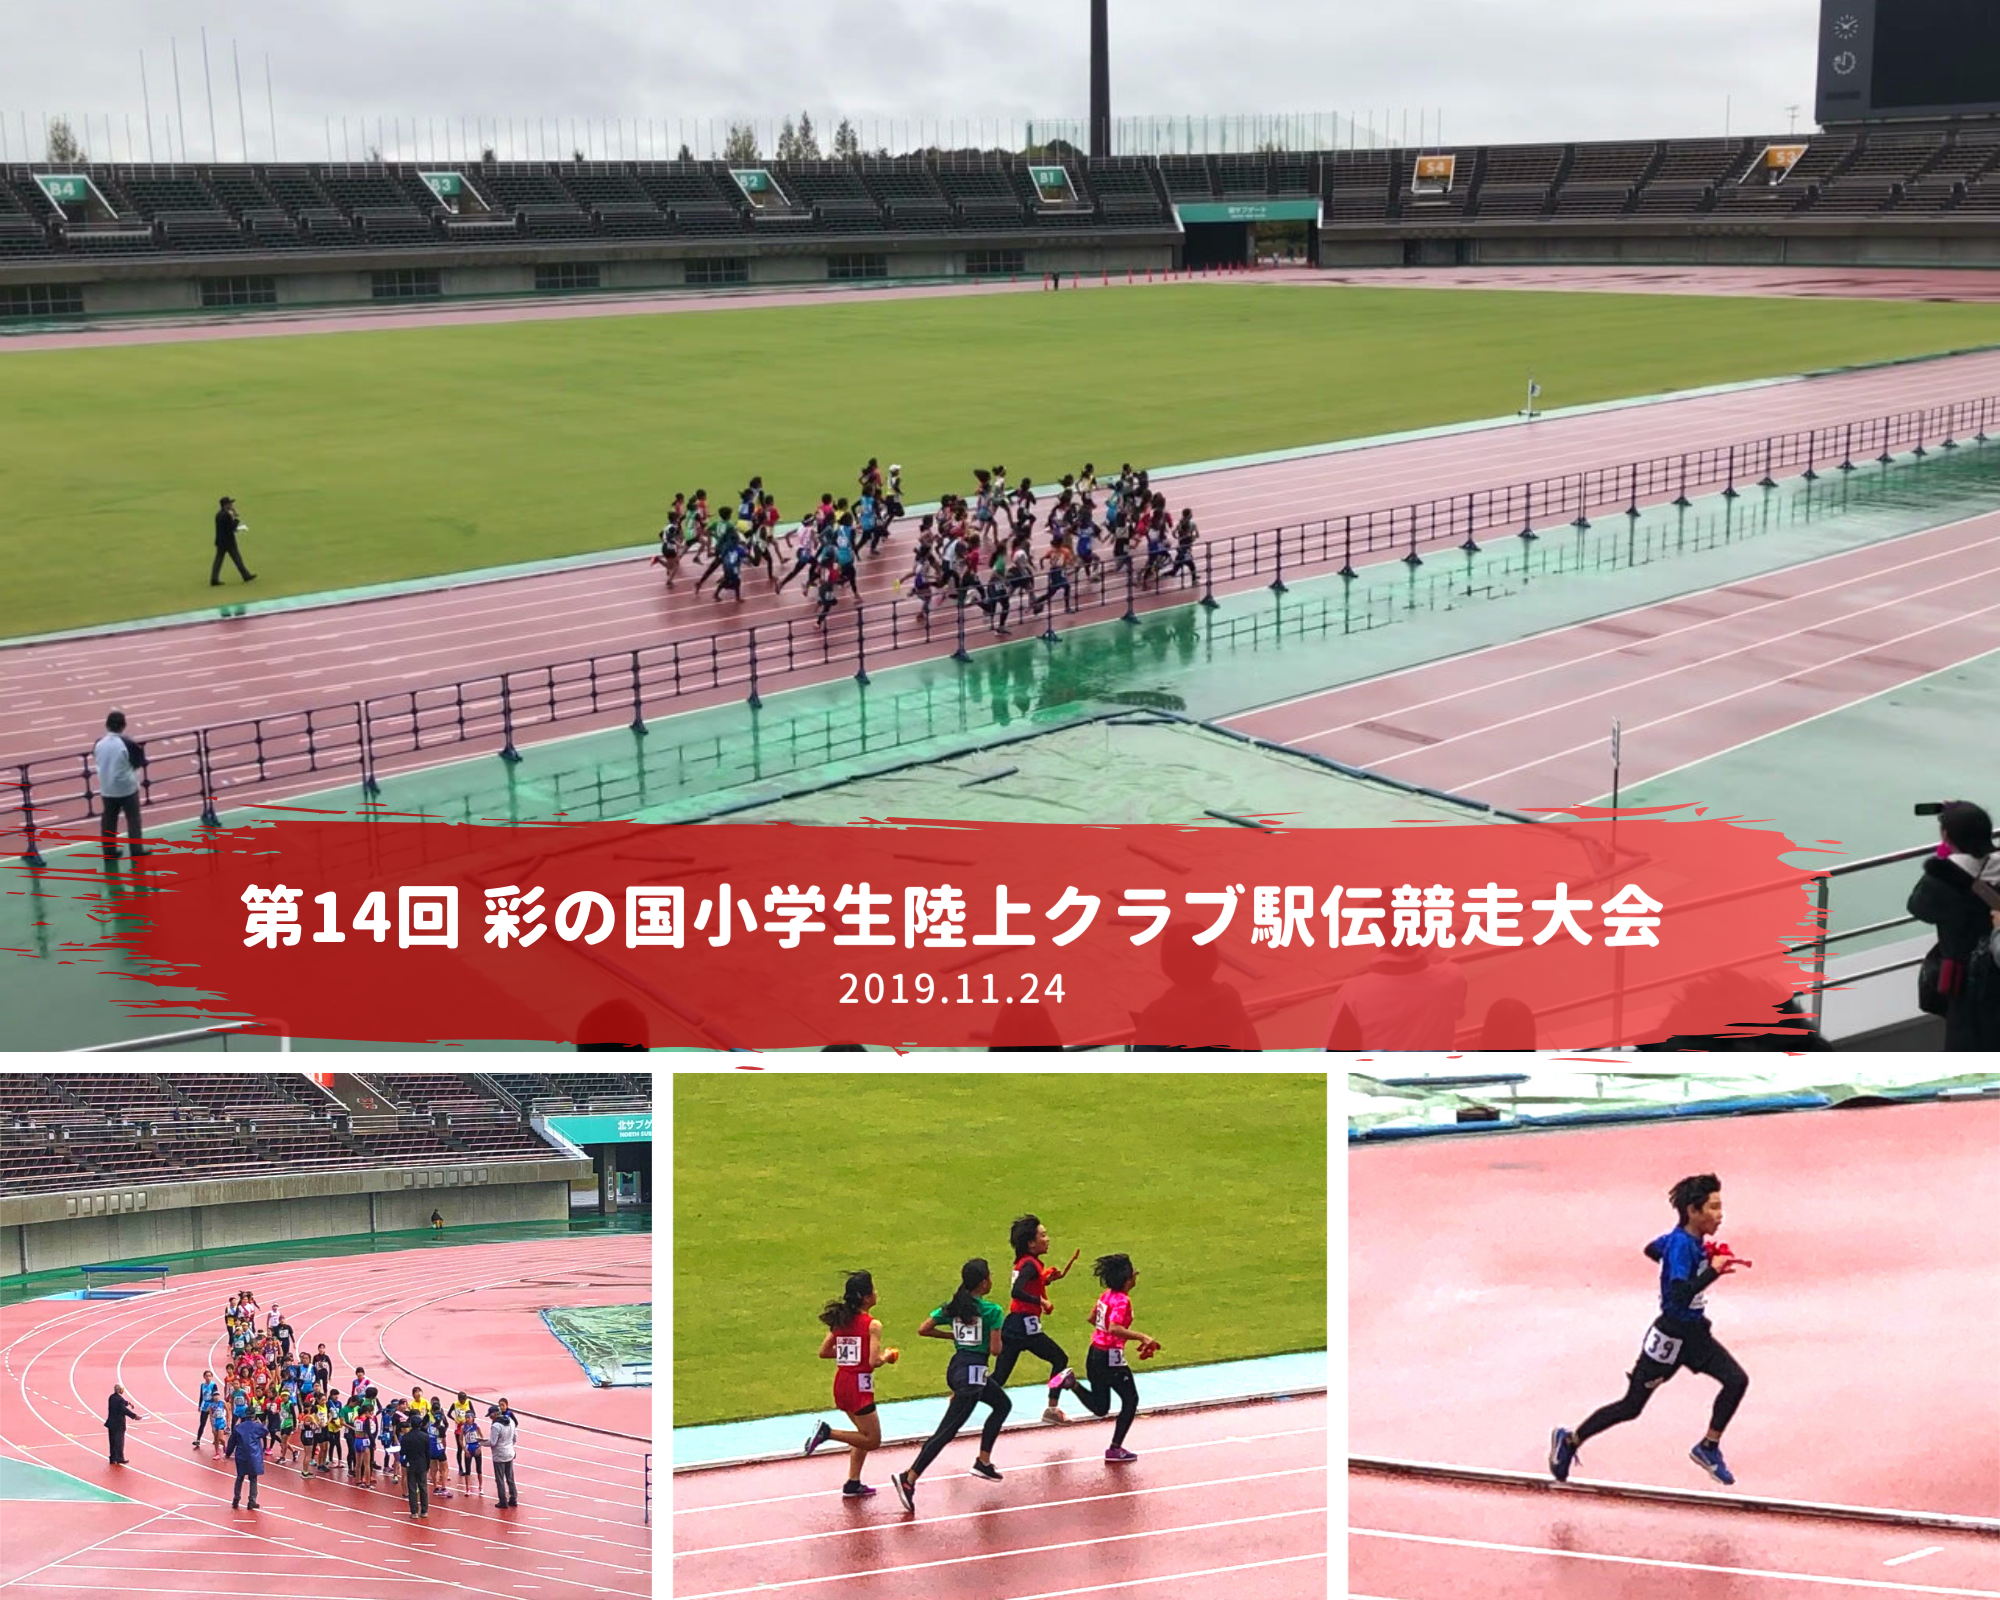 第14回彩の国小学生陸上クラブ駅伝競走大会